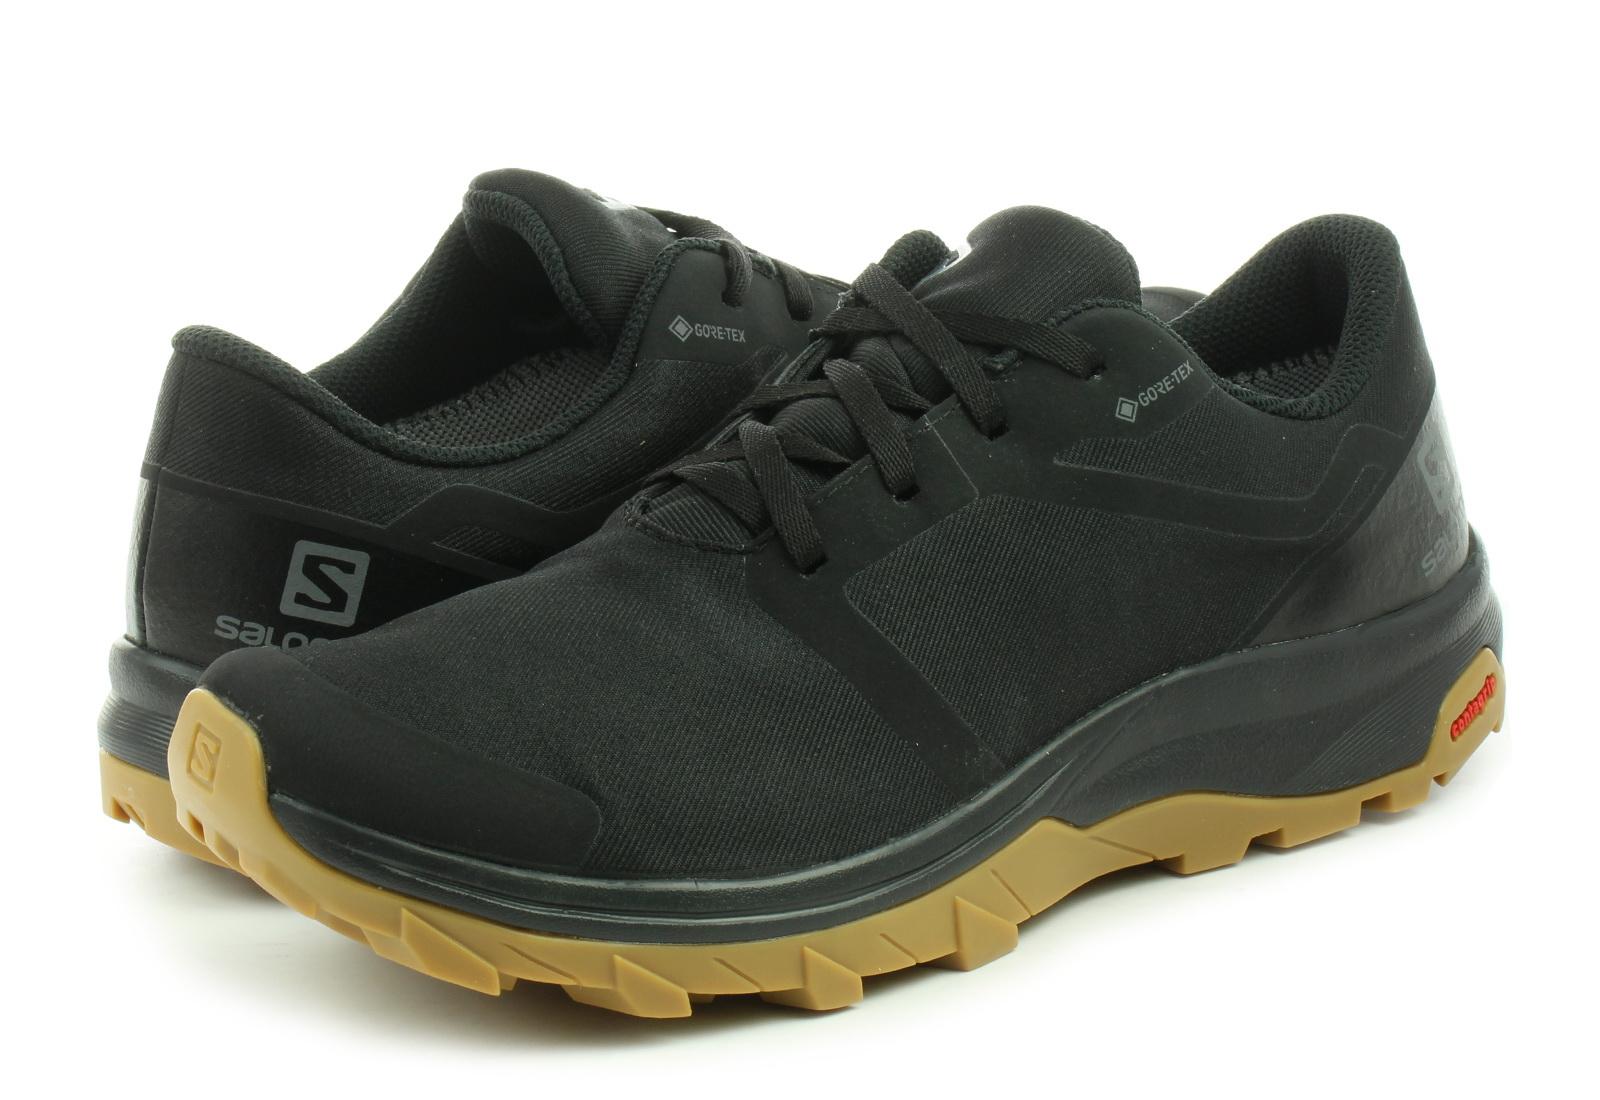 Salomon Buty Zimowe Outbound Gtx L40791700 Obuwie I Buty Damskie Meskie Dzieciece W Office Shoes